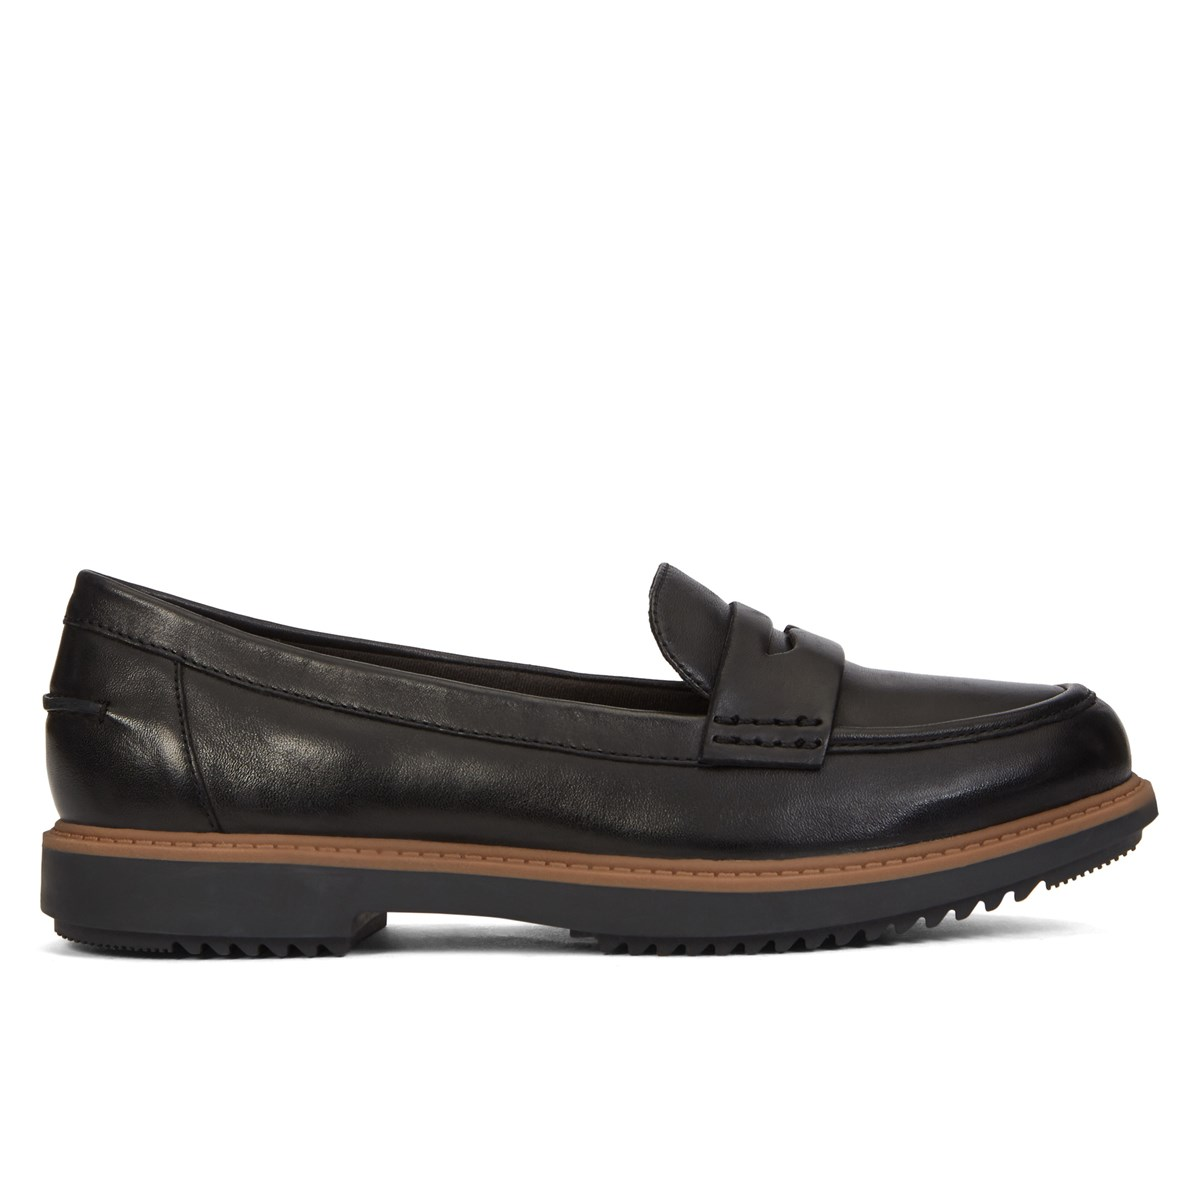 55f24486466 Women s Raisie Eletta Black Loafers. Previous. default view  ALT1  ALT2